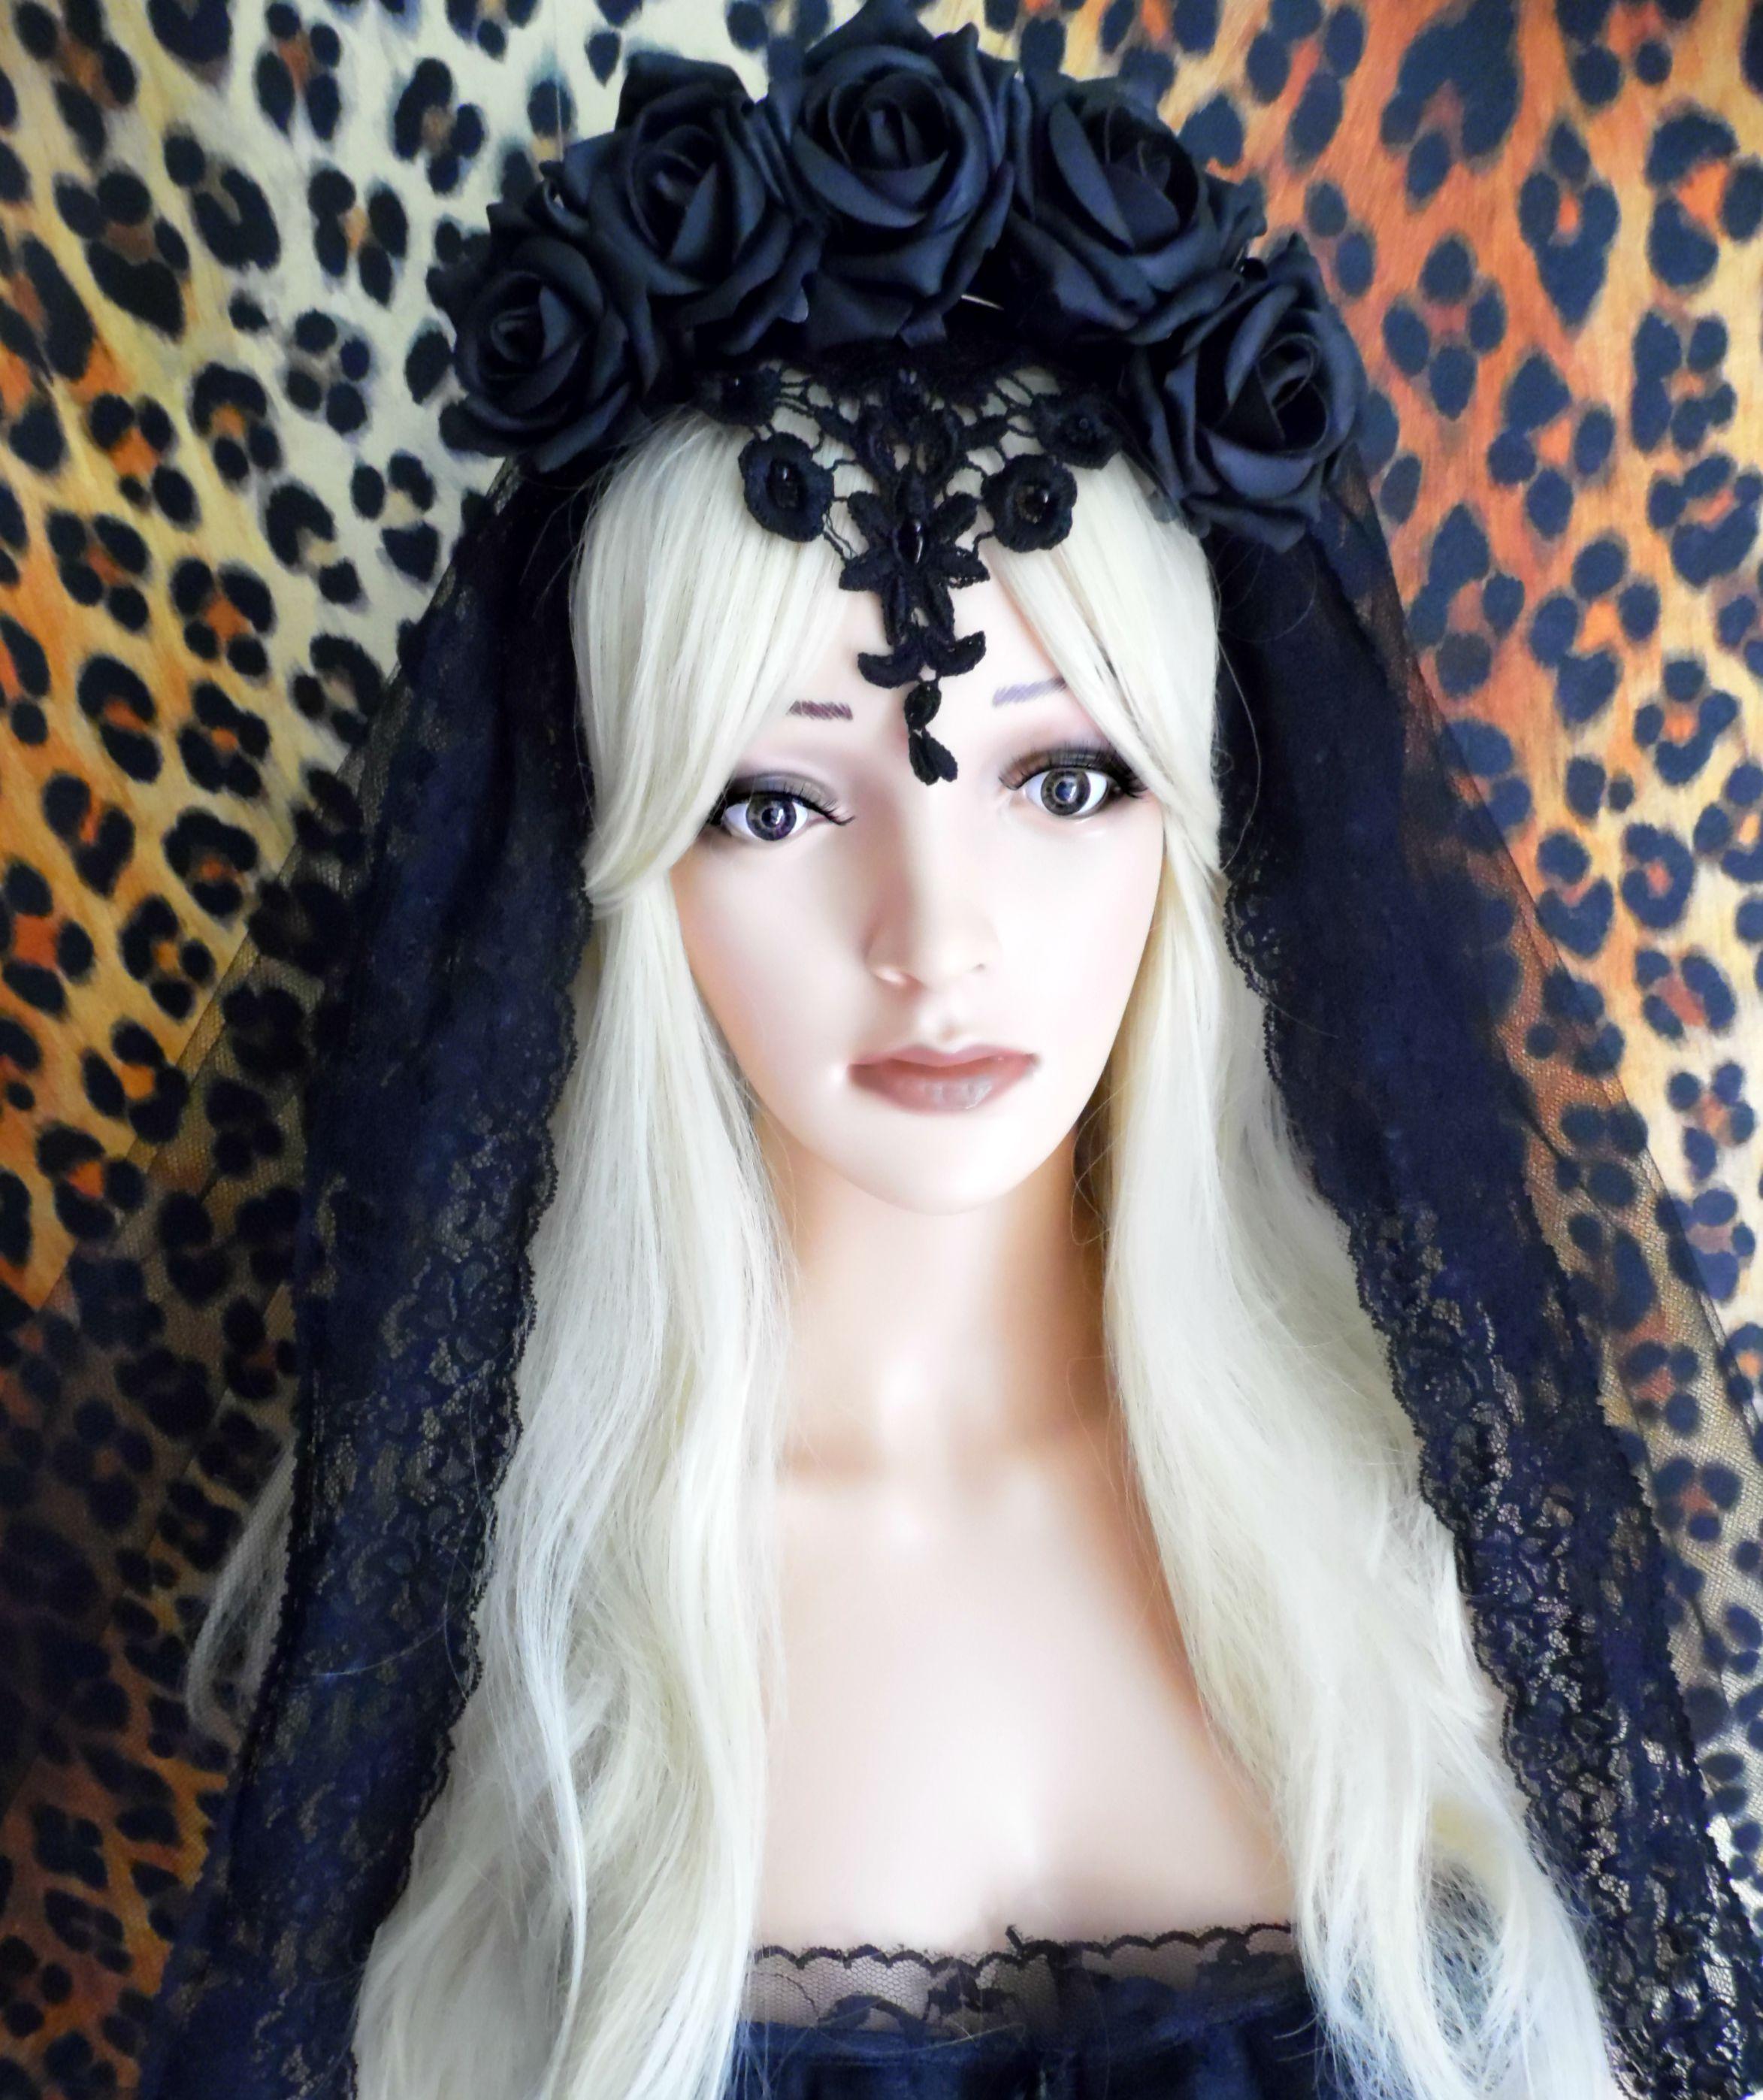 Black Flower Crown Gothic Flower Crown Black Flower: Gothic Flower Crown Black Veil Day Of The Dead Halloween